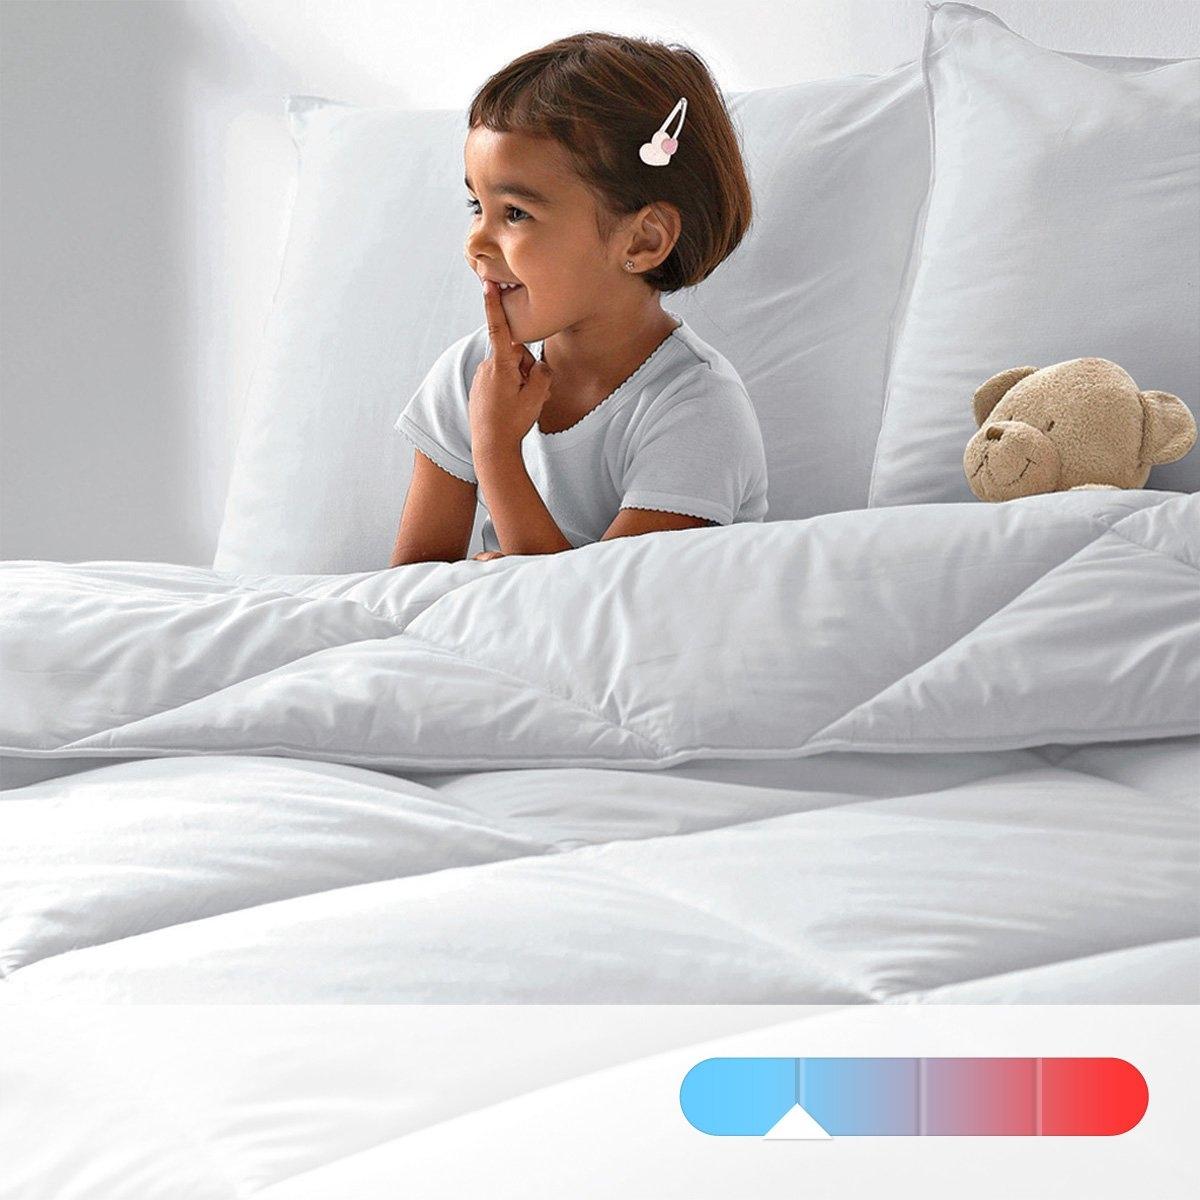 Одеяло синтетическое антибактериальное, с обработкой от клещей и плесени